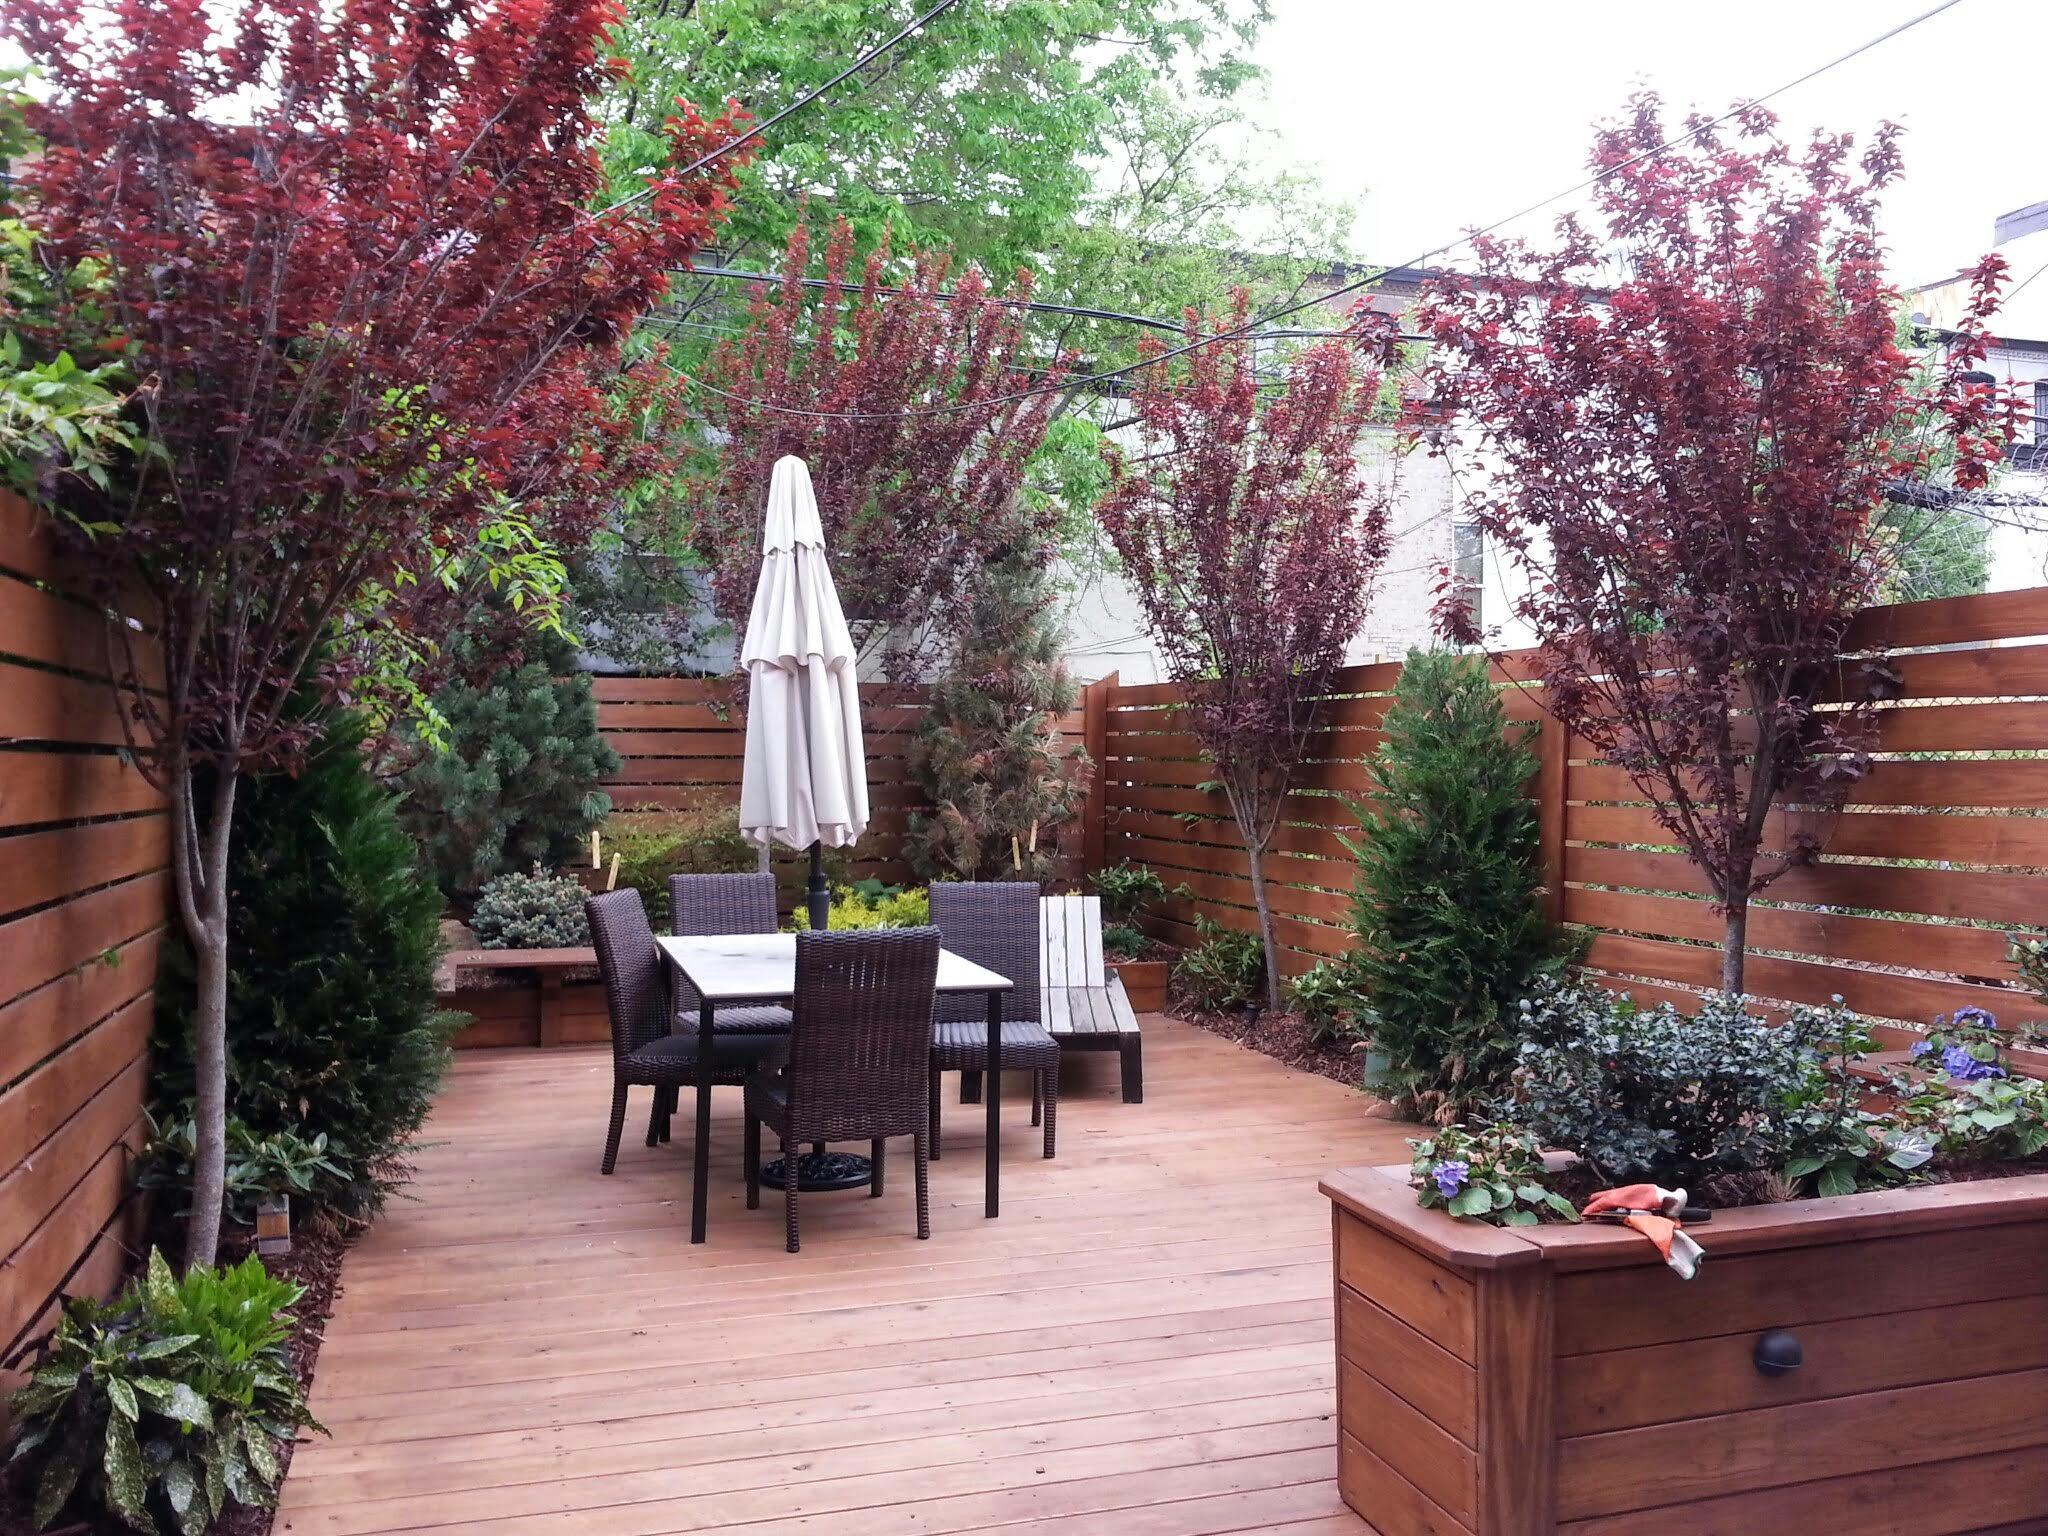 File:Spring Landscape Design NYC.jpeg